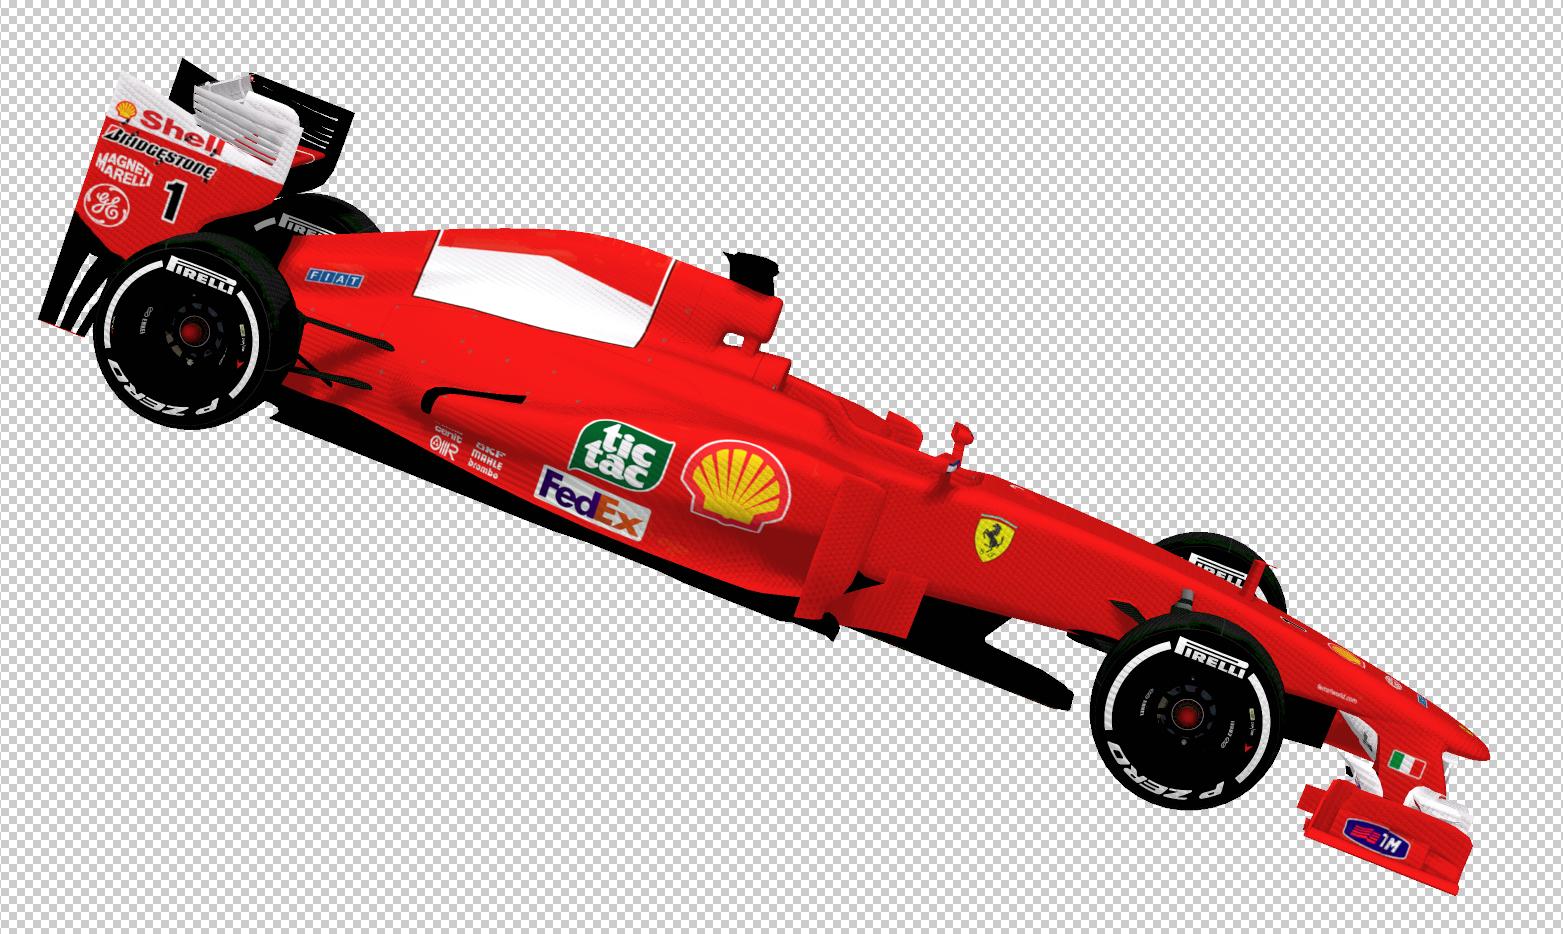 2001 Ferrari Non-Tobacco.PNG